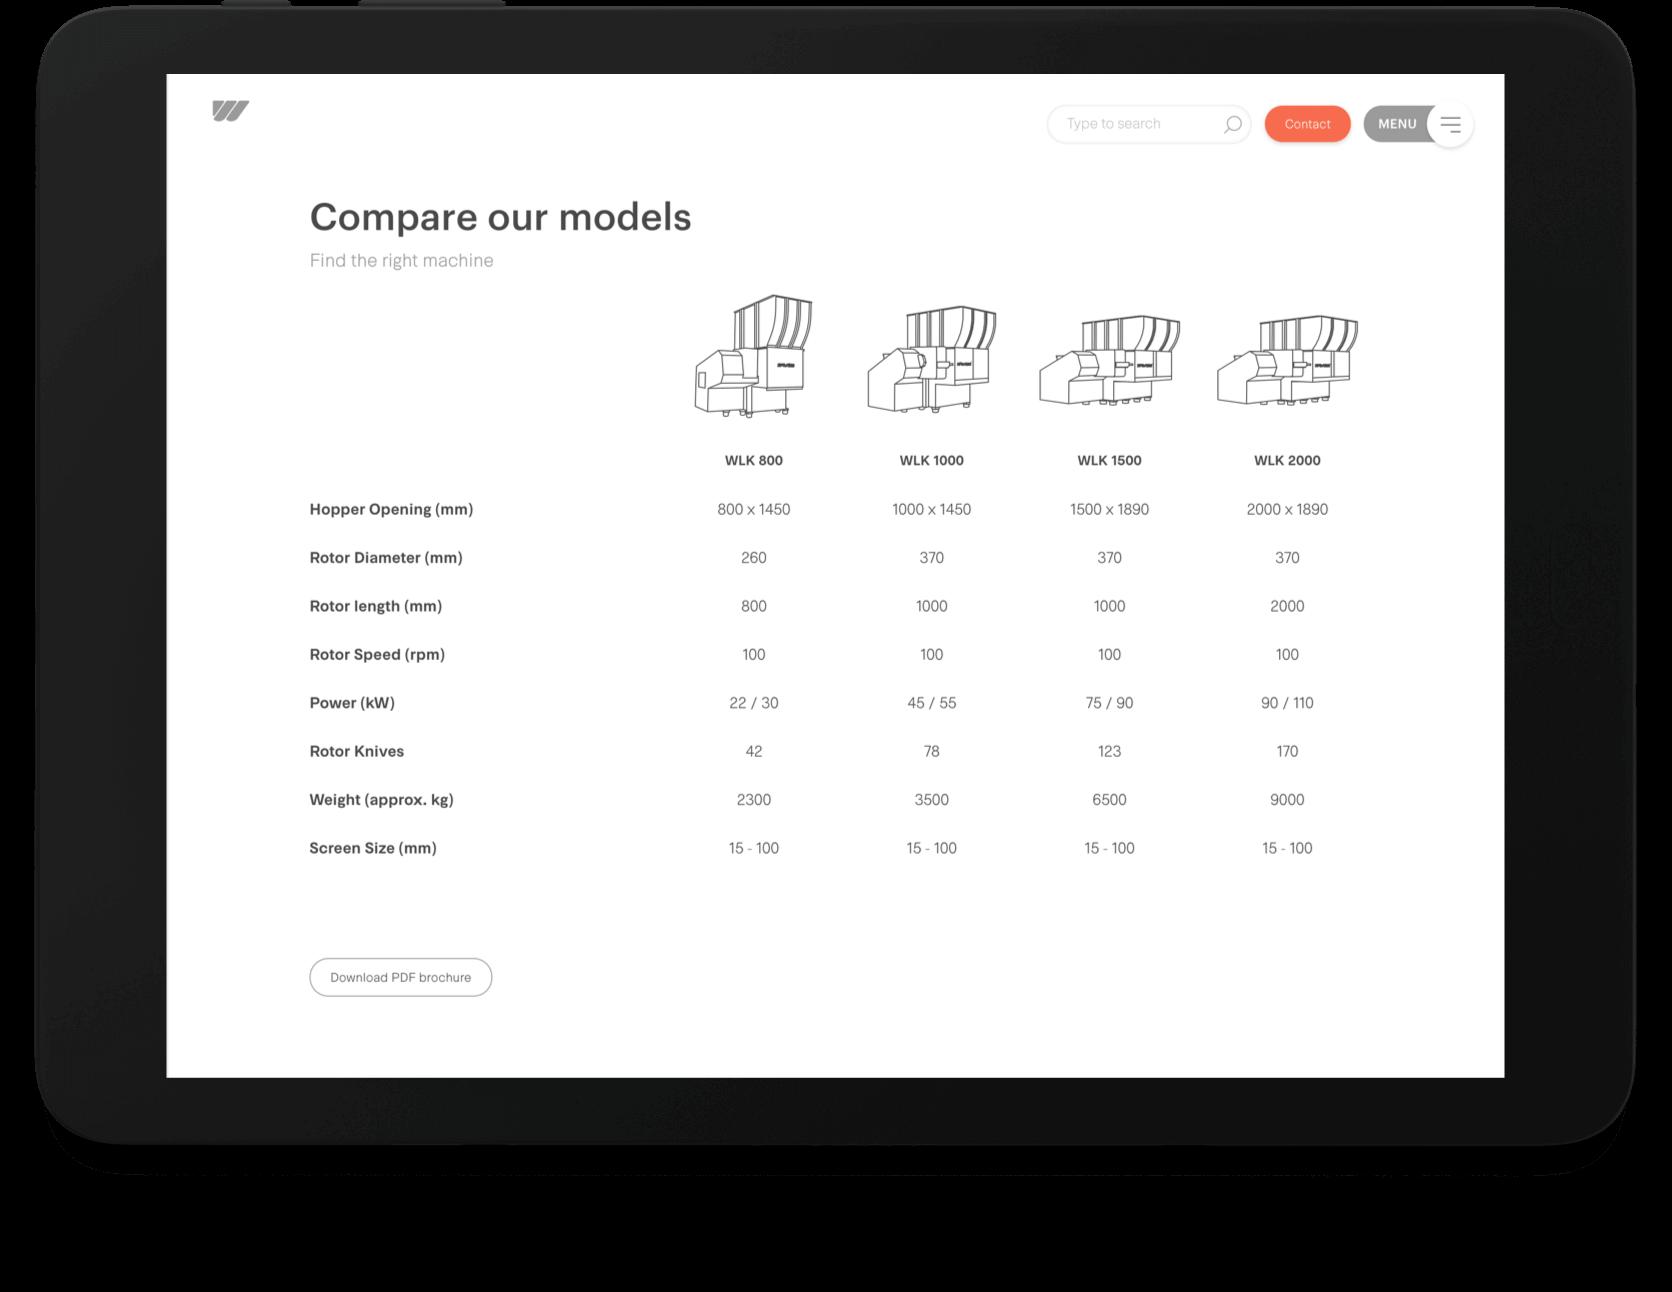 Vergelijk Weima machine-modellen afgebeeld op tablet